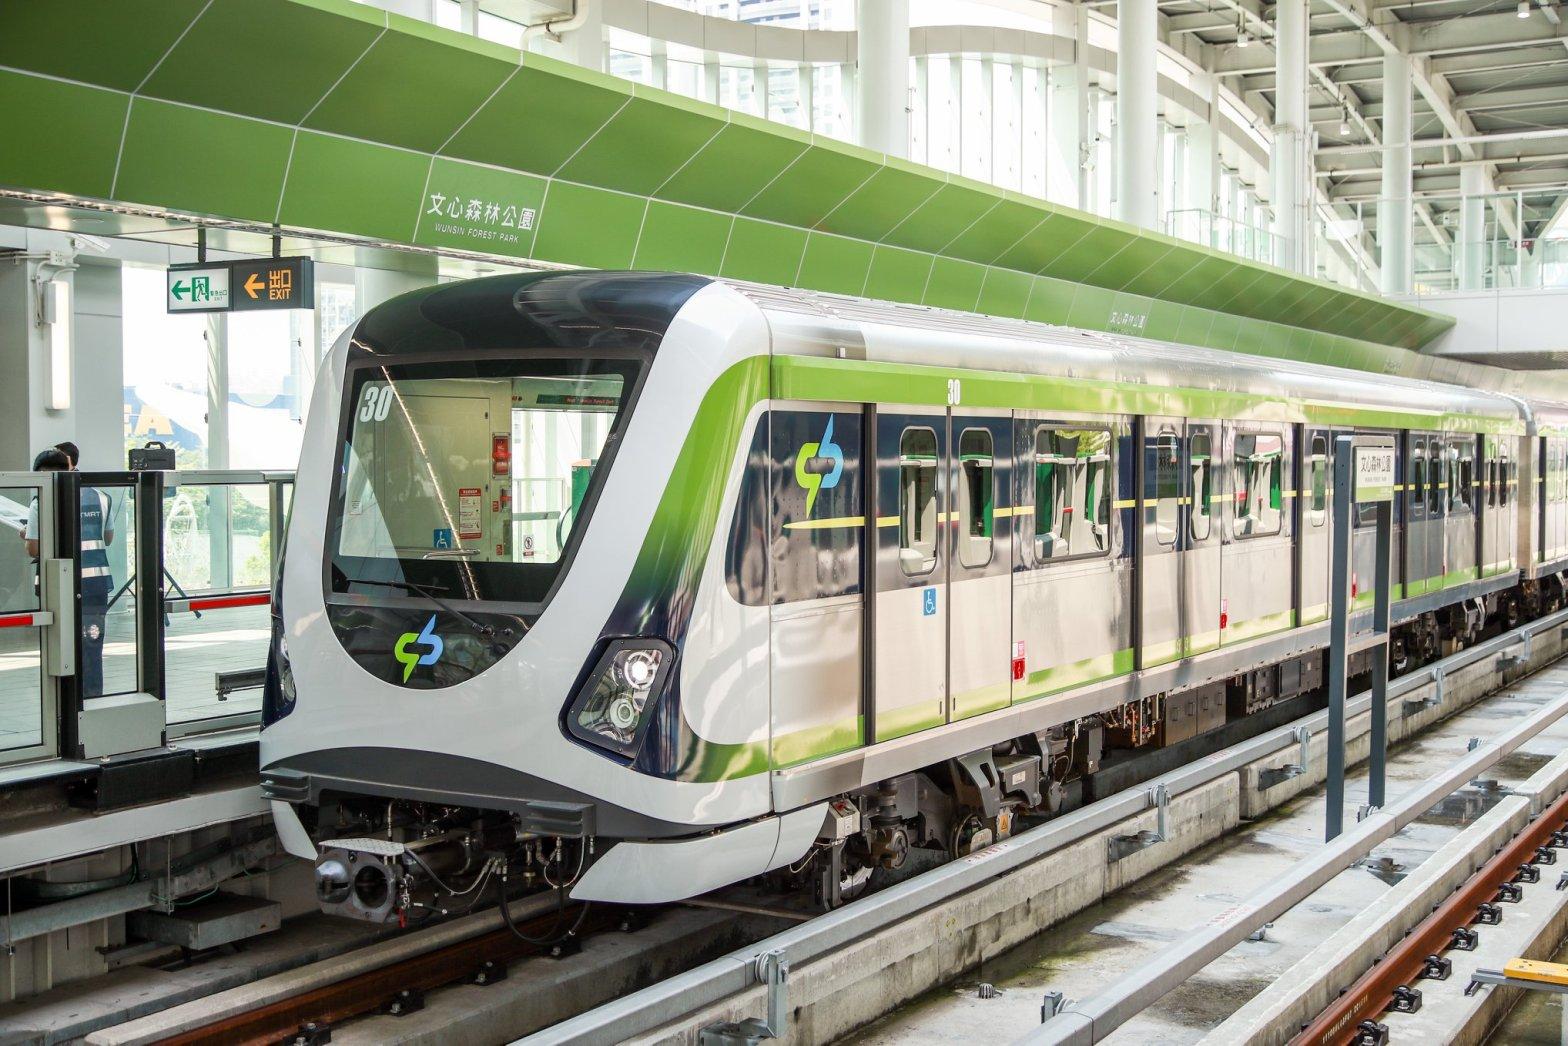 台中捷運綠線 - 列車(圖片來源:台中市政府交通局)